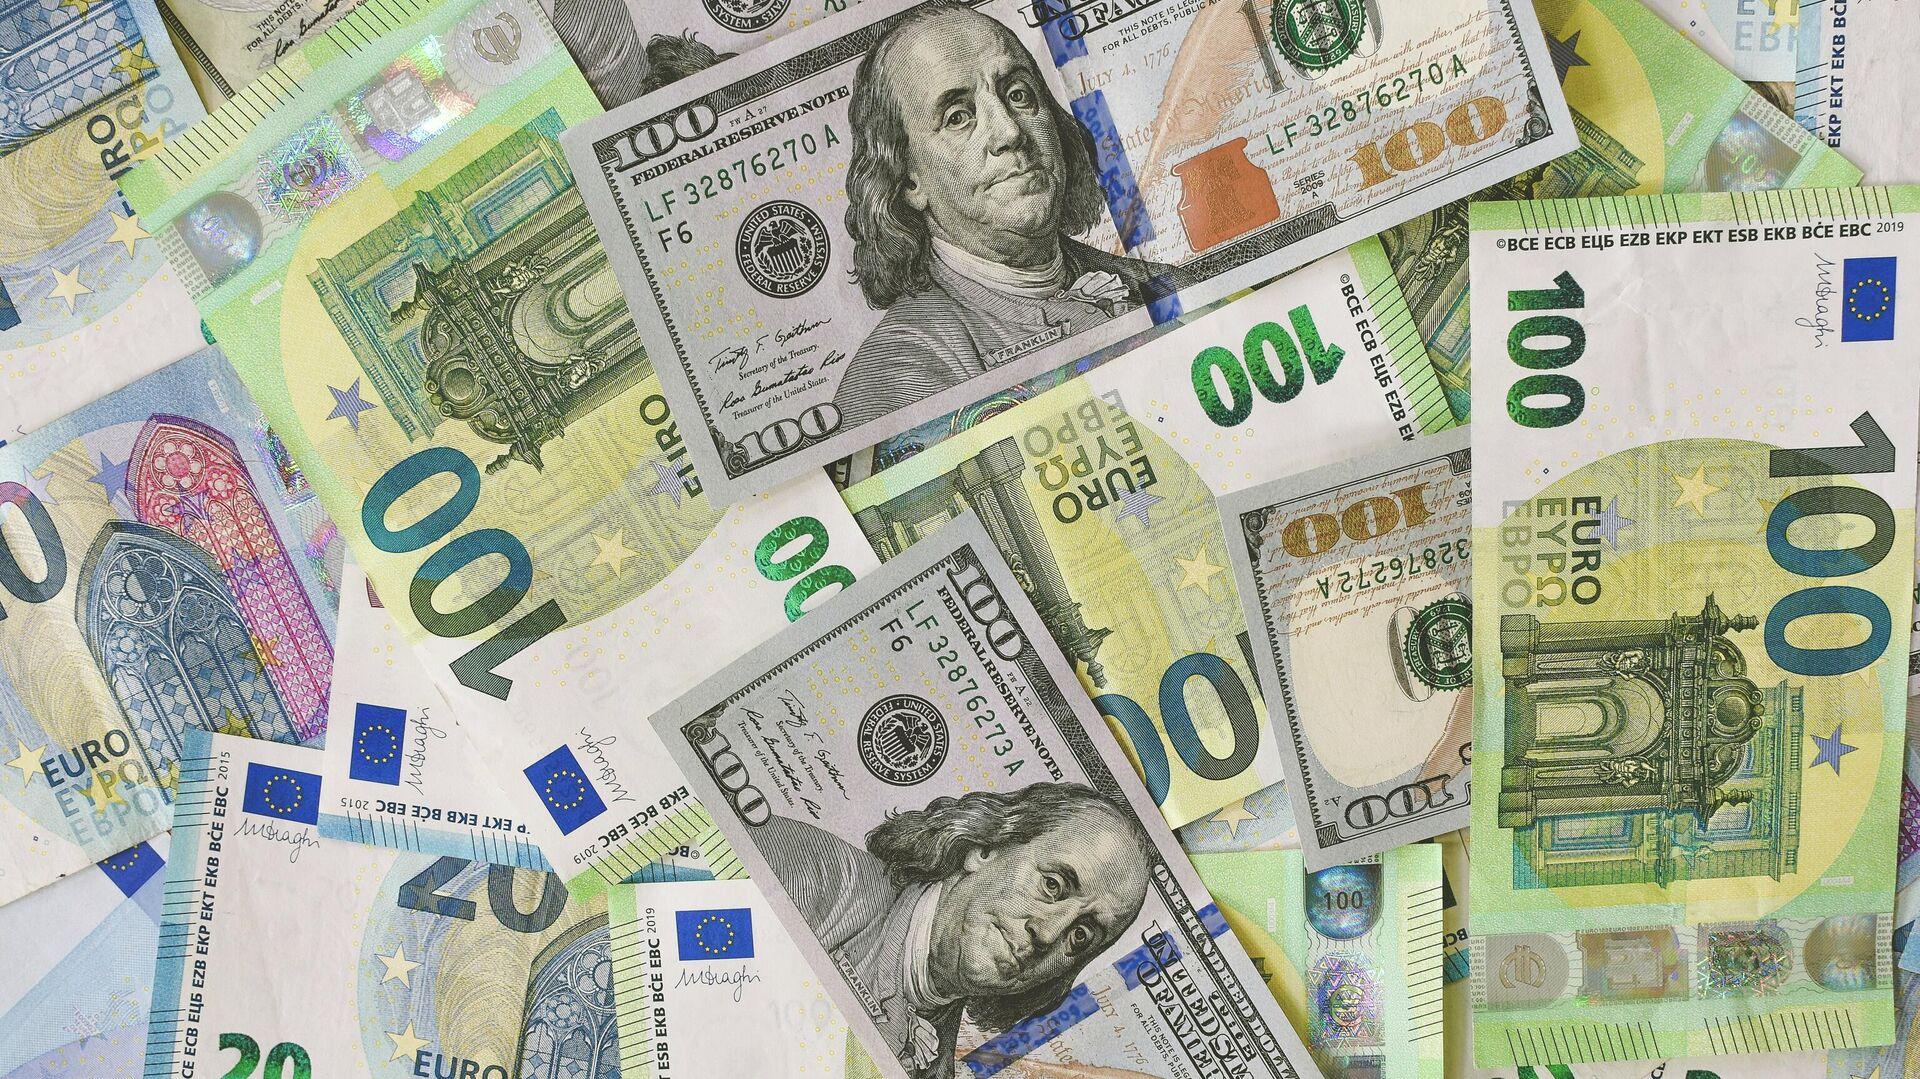 Billetes de dólares estadounidenses y euros - Sputnik Mundo, 1920, 06.08.2021